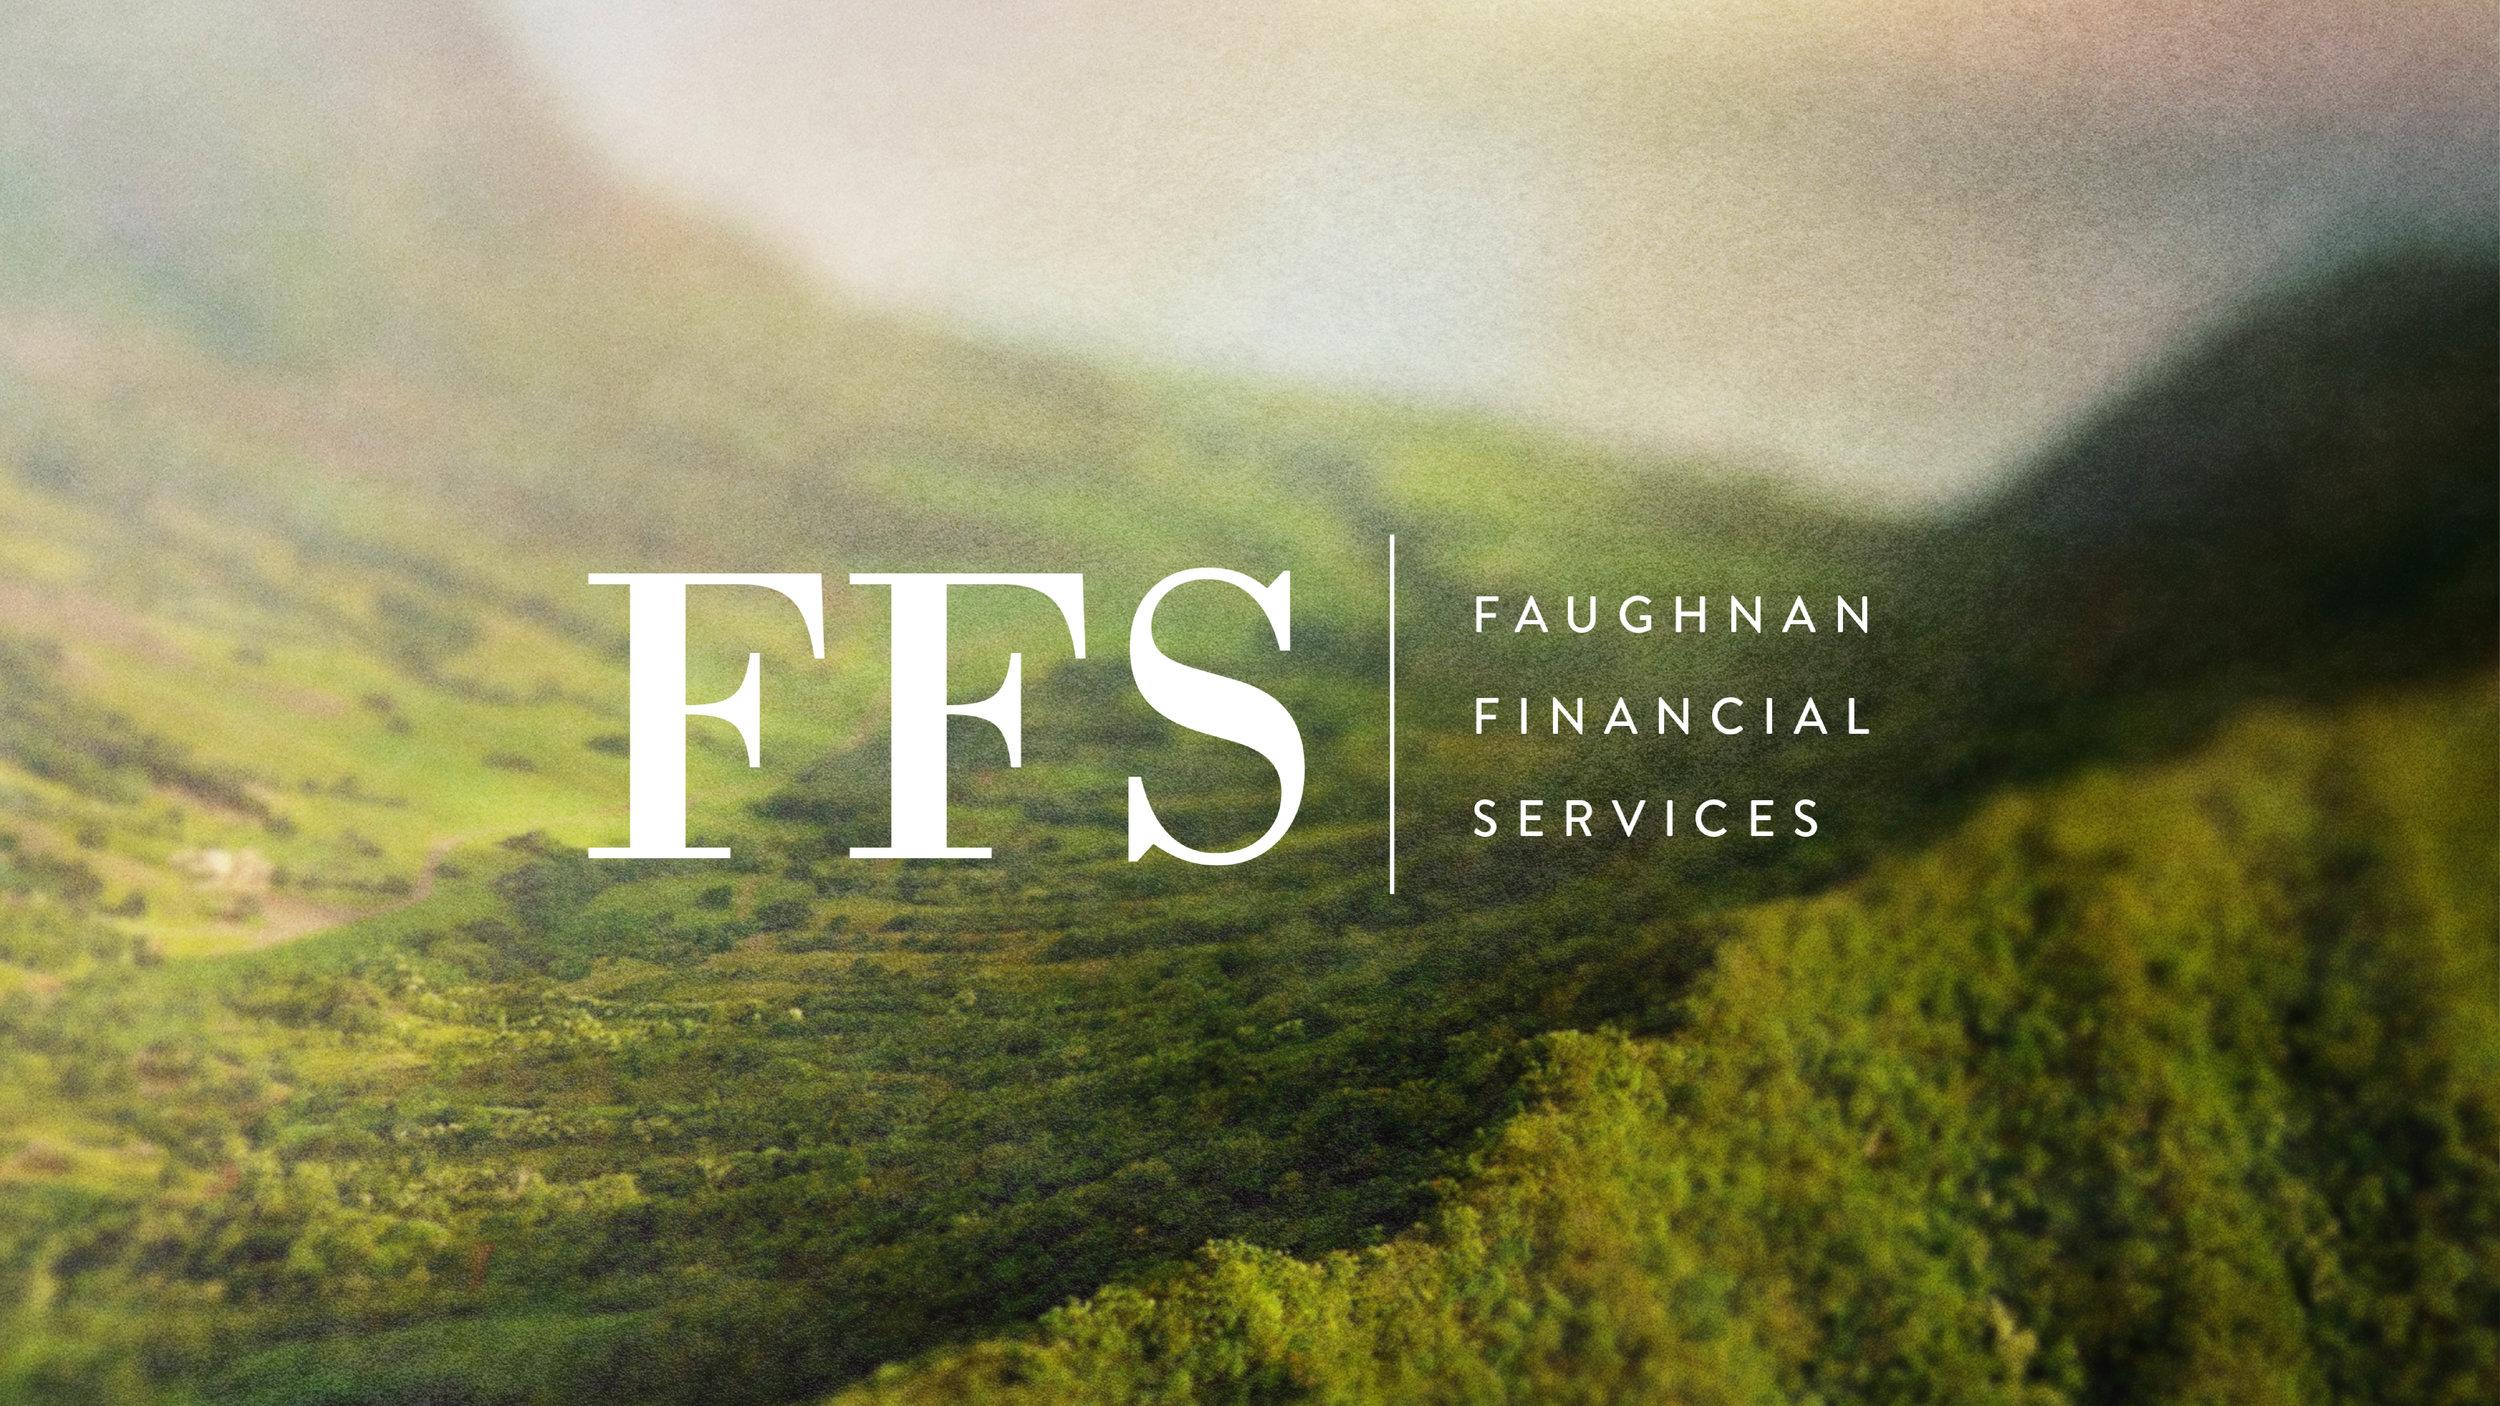 FFS6.jpg